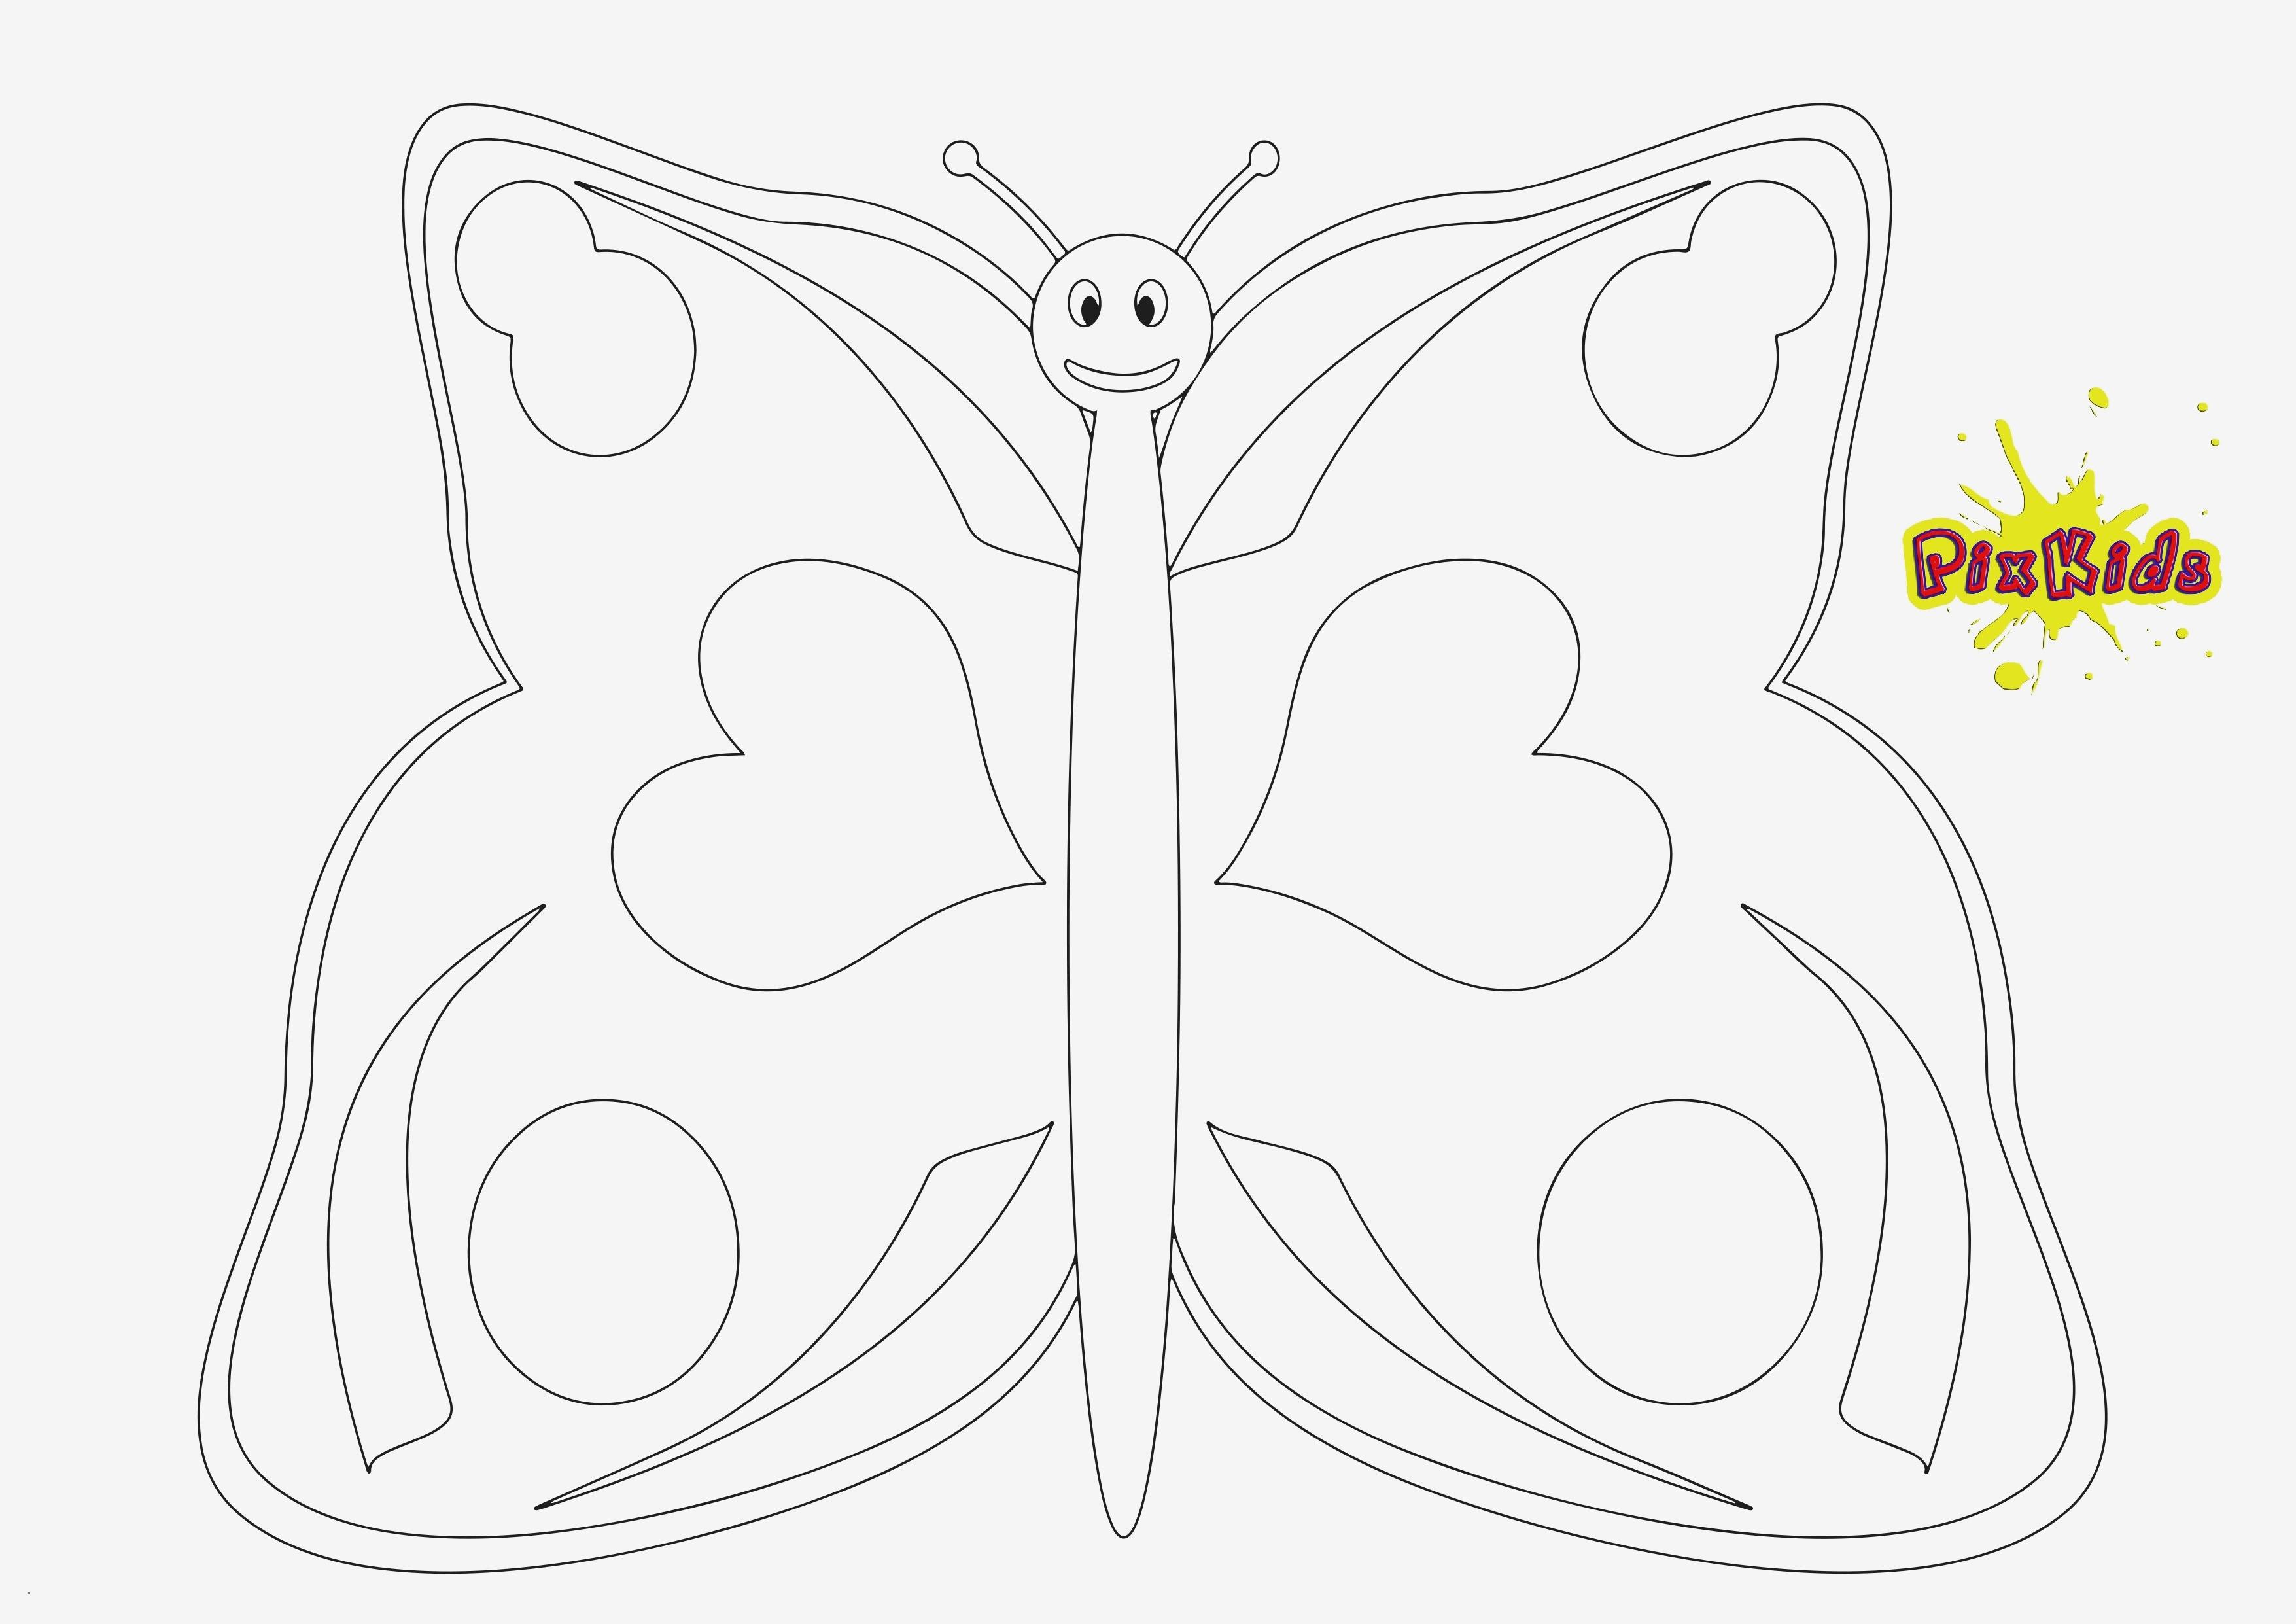 Mandalas Zum Ausmalen Schmetterling Genial 48 Idee Malvorlagen Schmetterlinge Treehouse Nyc Fotos